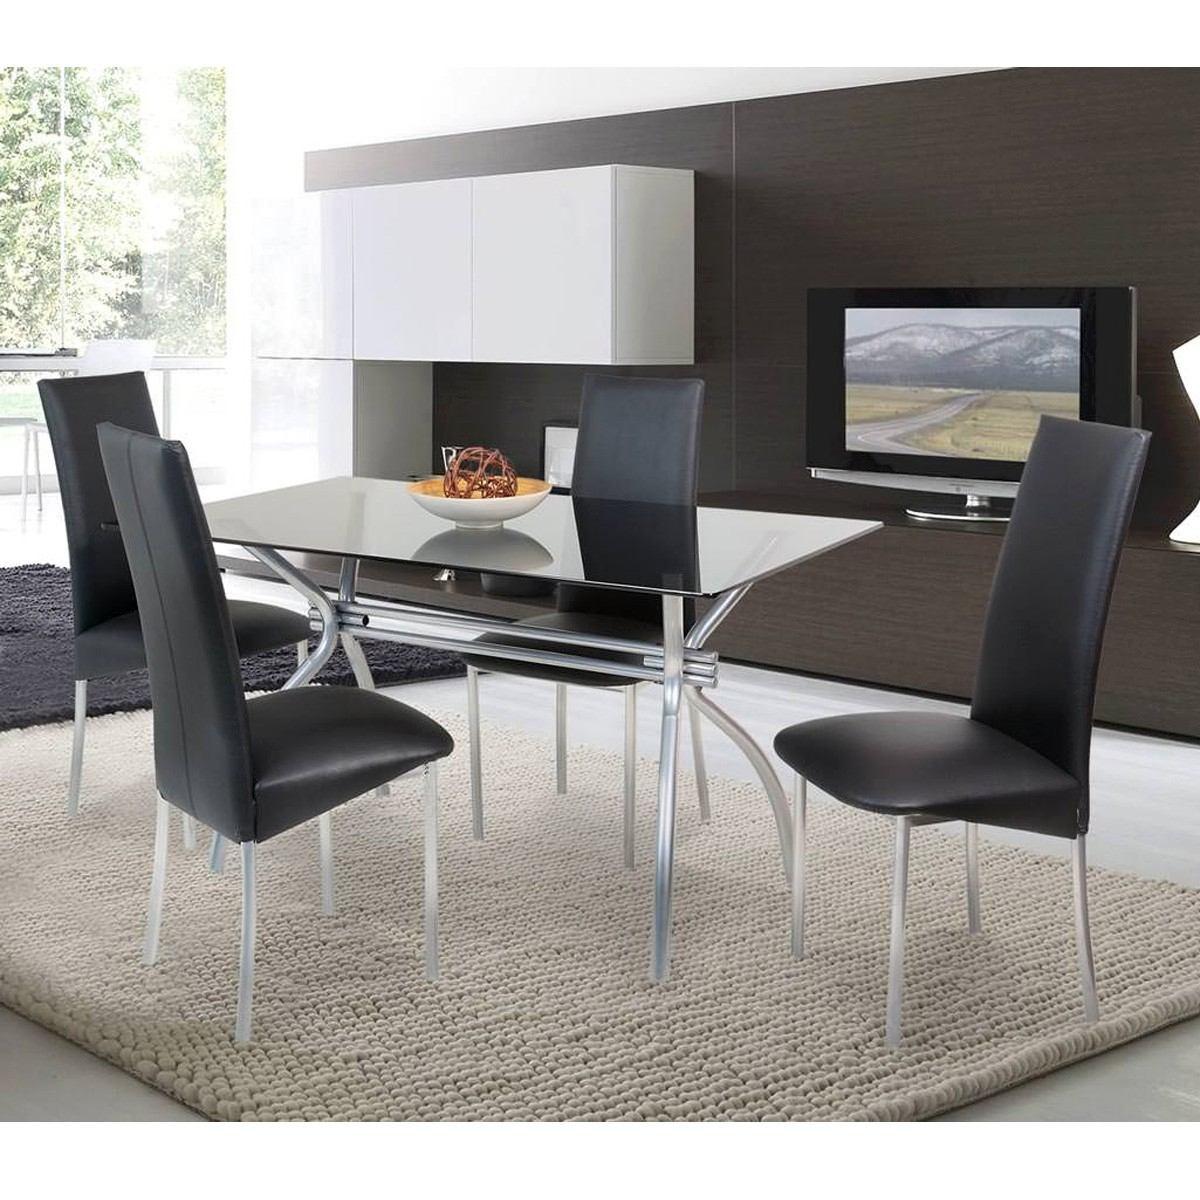 Vidrio para mesa de comedor precio elegant vidrio para for Comedores redondos de vidrio